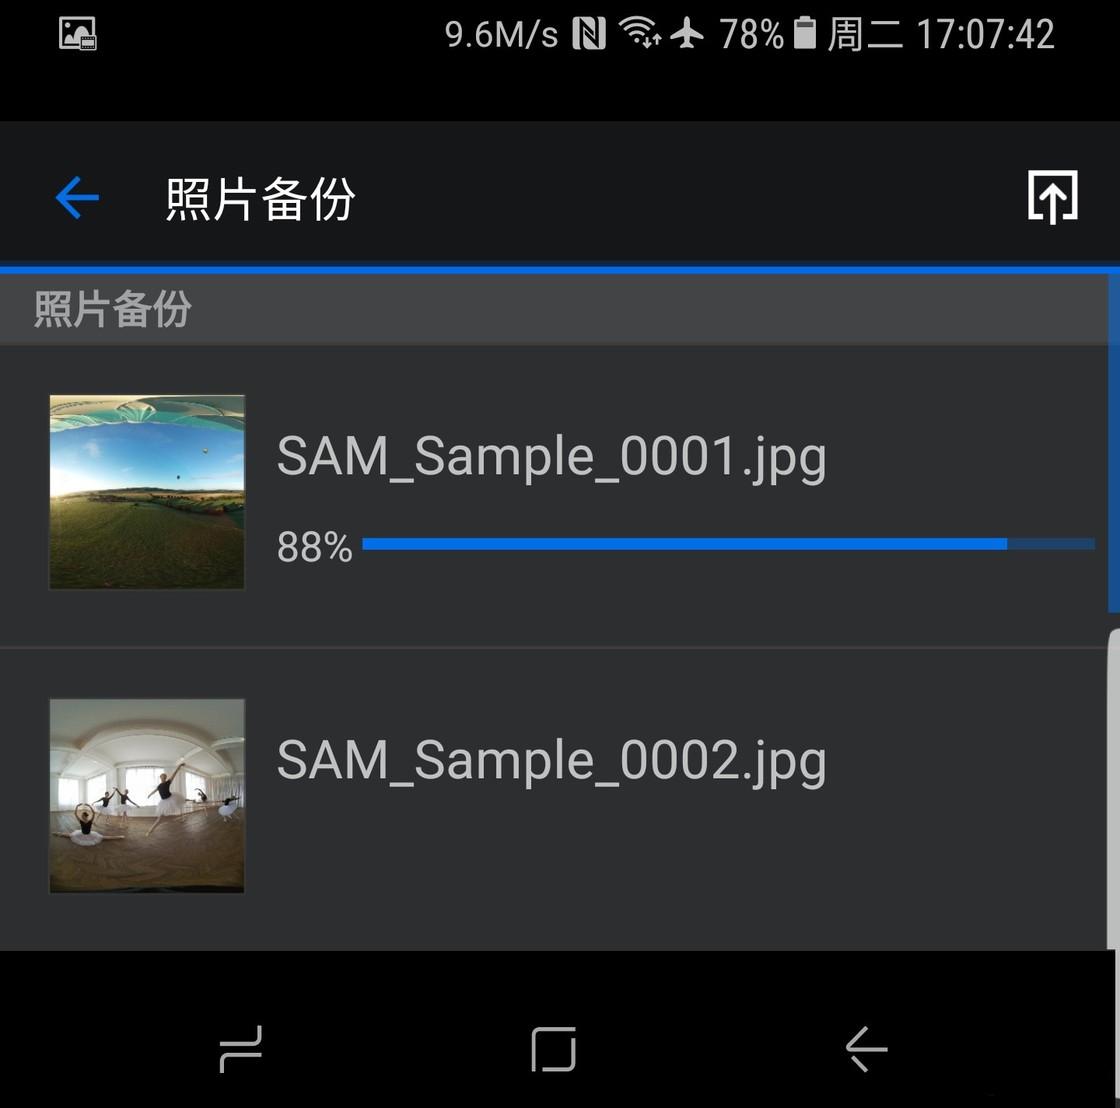 手机里的照片视频可以高速备份到 NAS 里